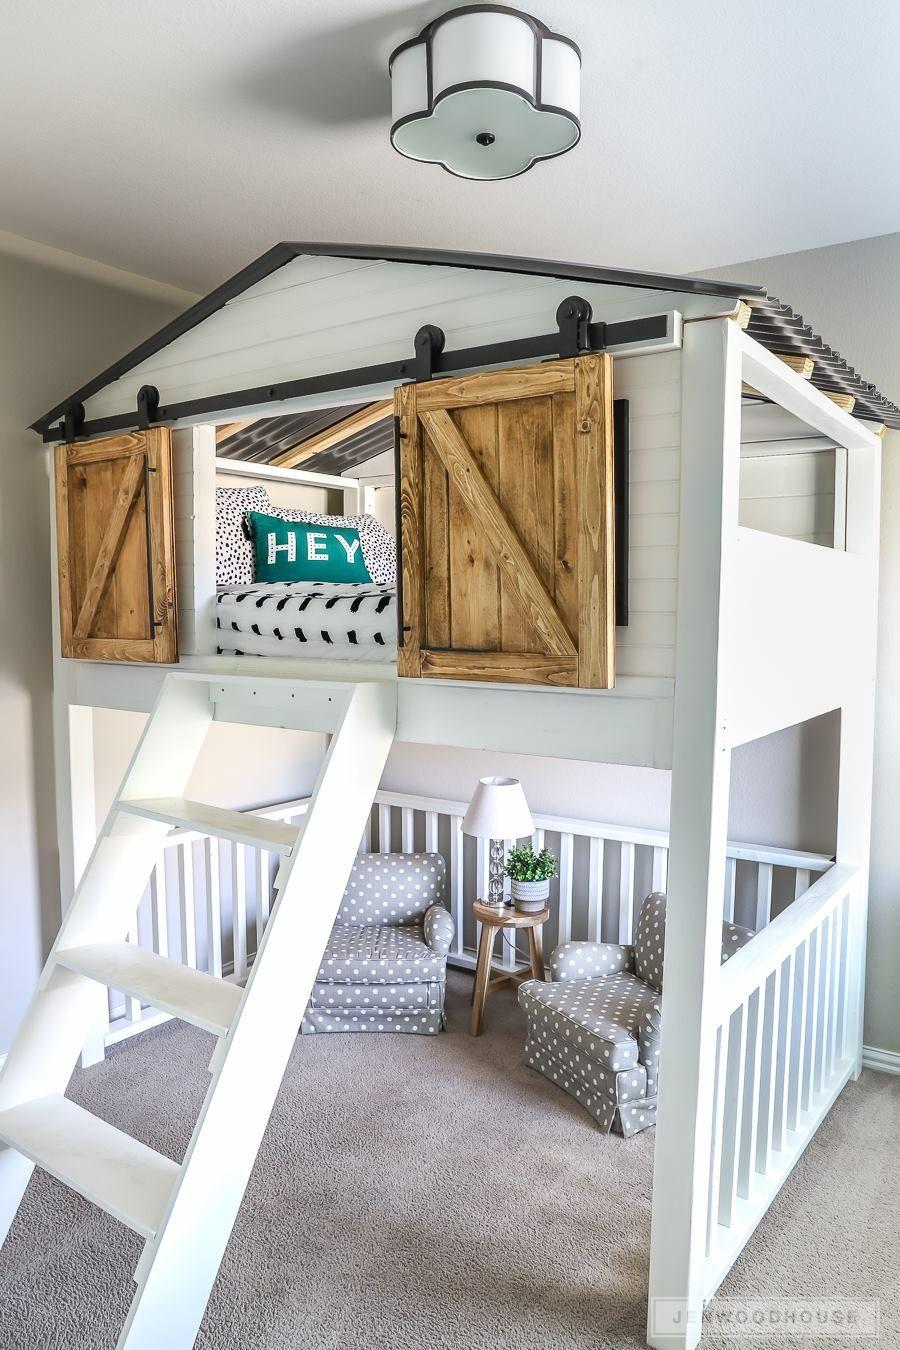 Épinglé par aline sur chambre bébé | Pinterest | Chambres, Chambre on